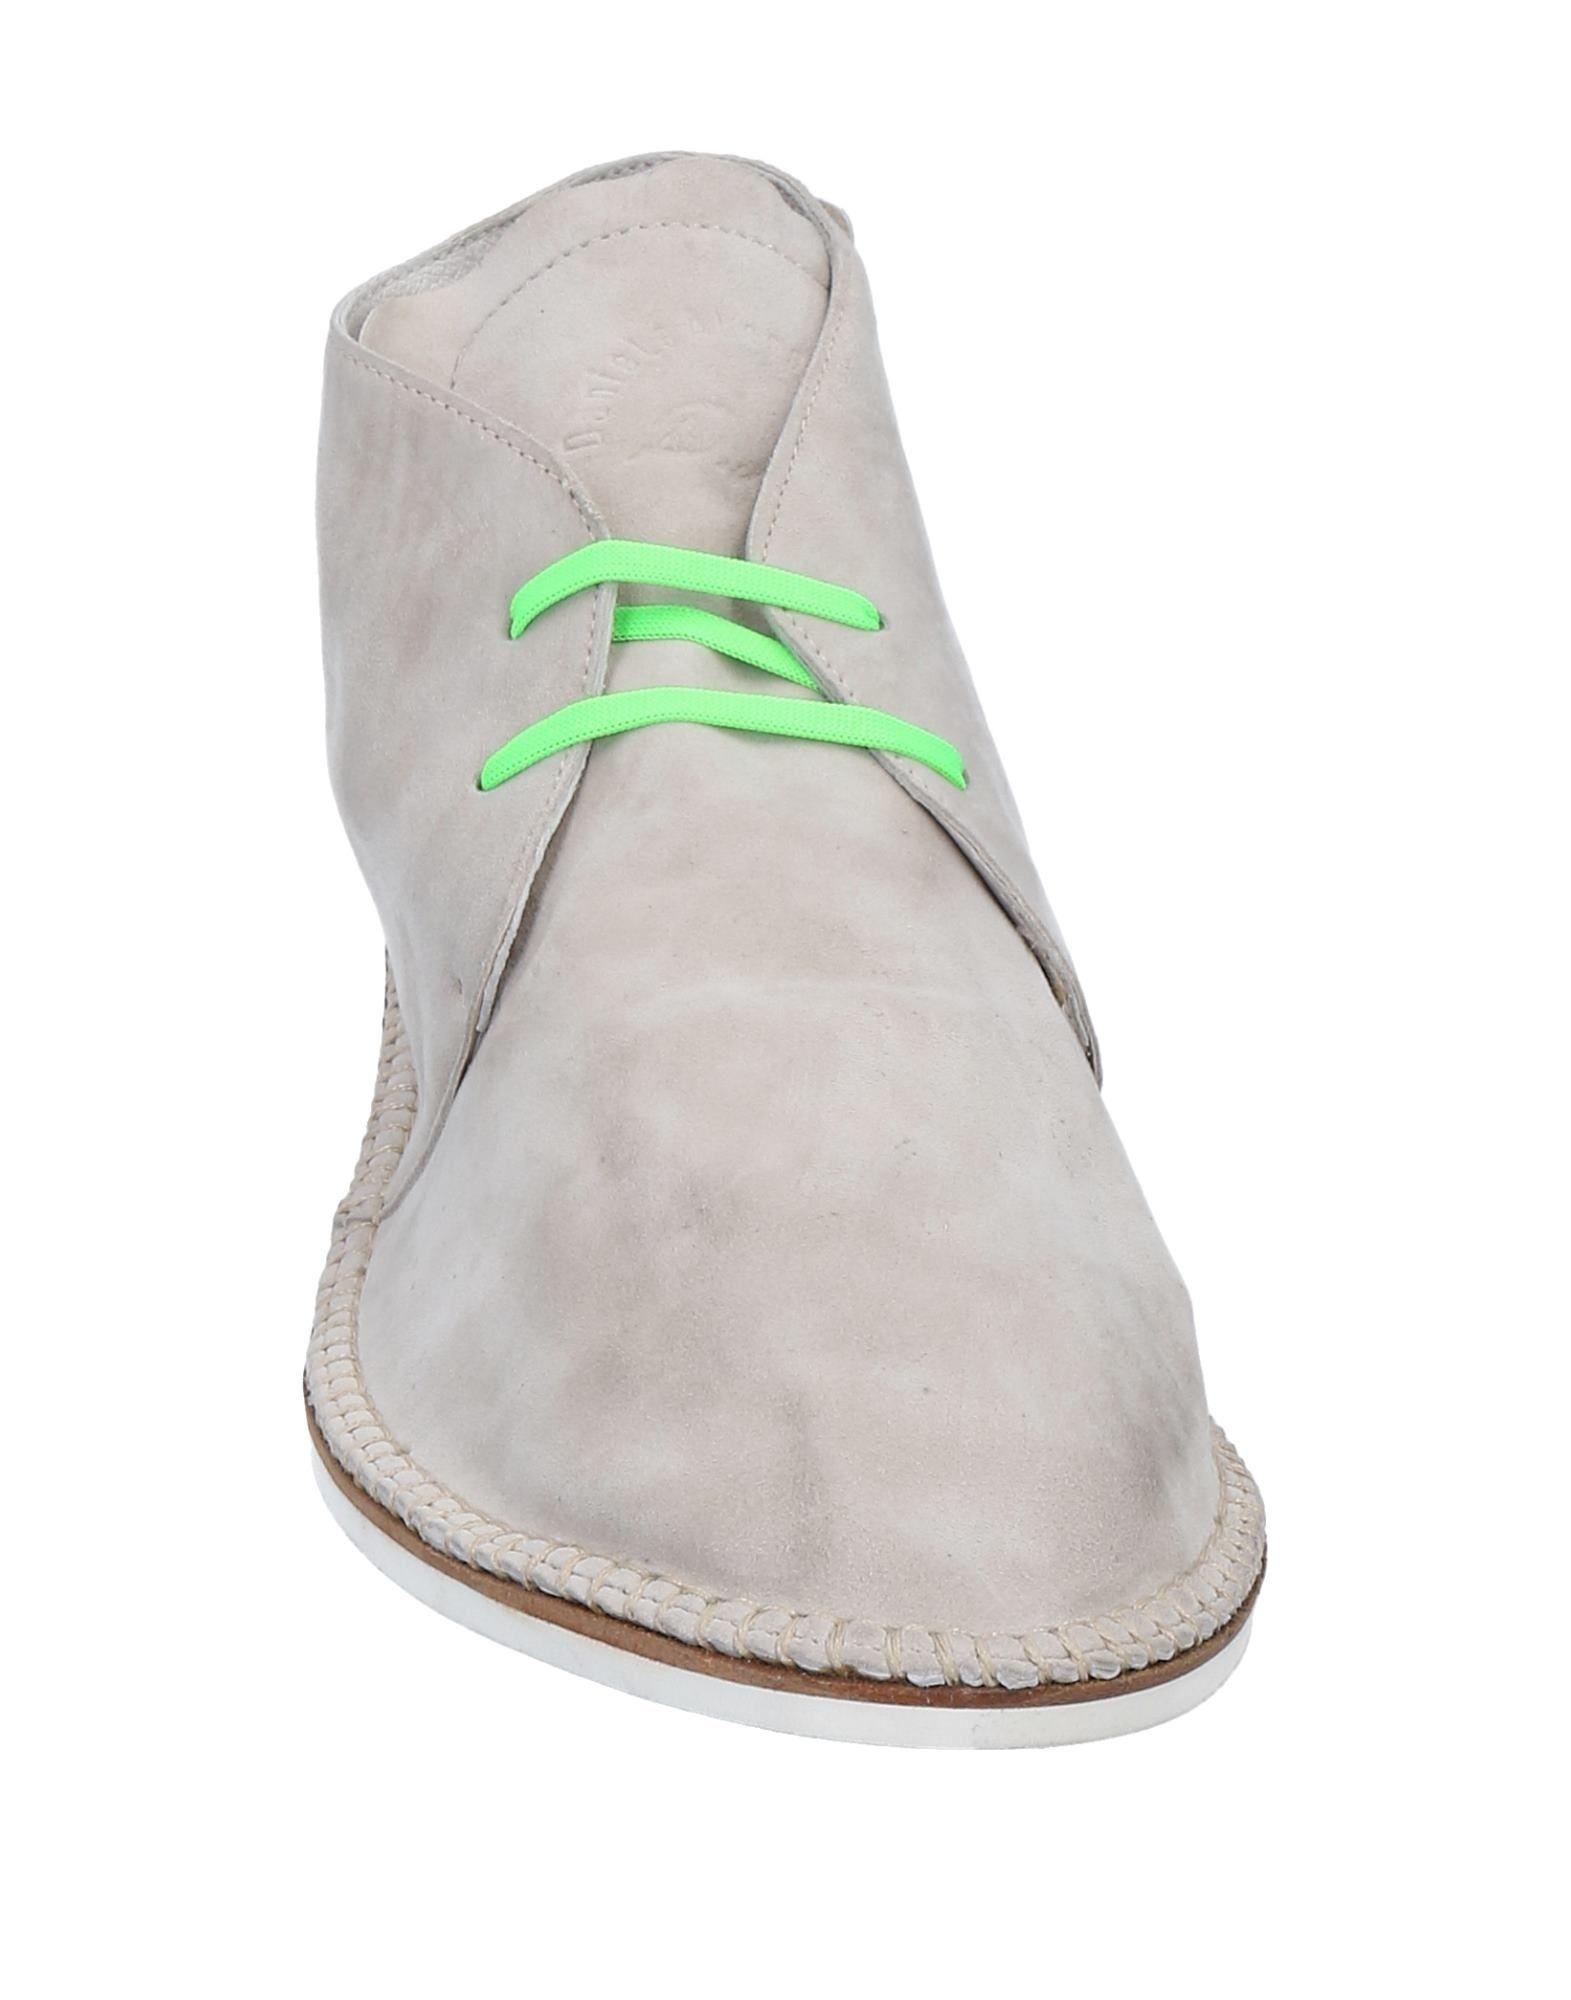 Rabatt echte Schuhe  Daniele Alessandrini Stiefelette Herren  Schuhe 11533443AF b09938